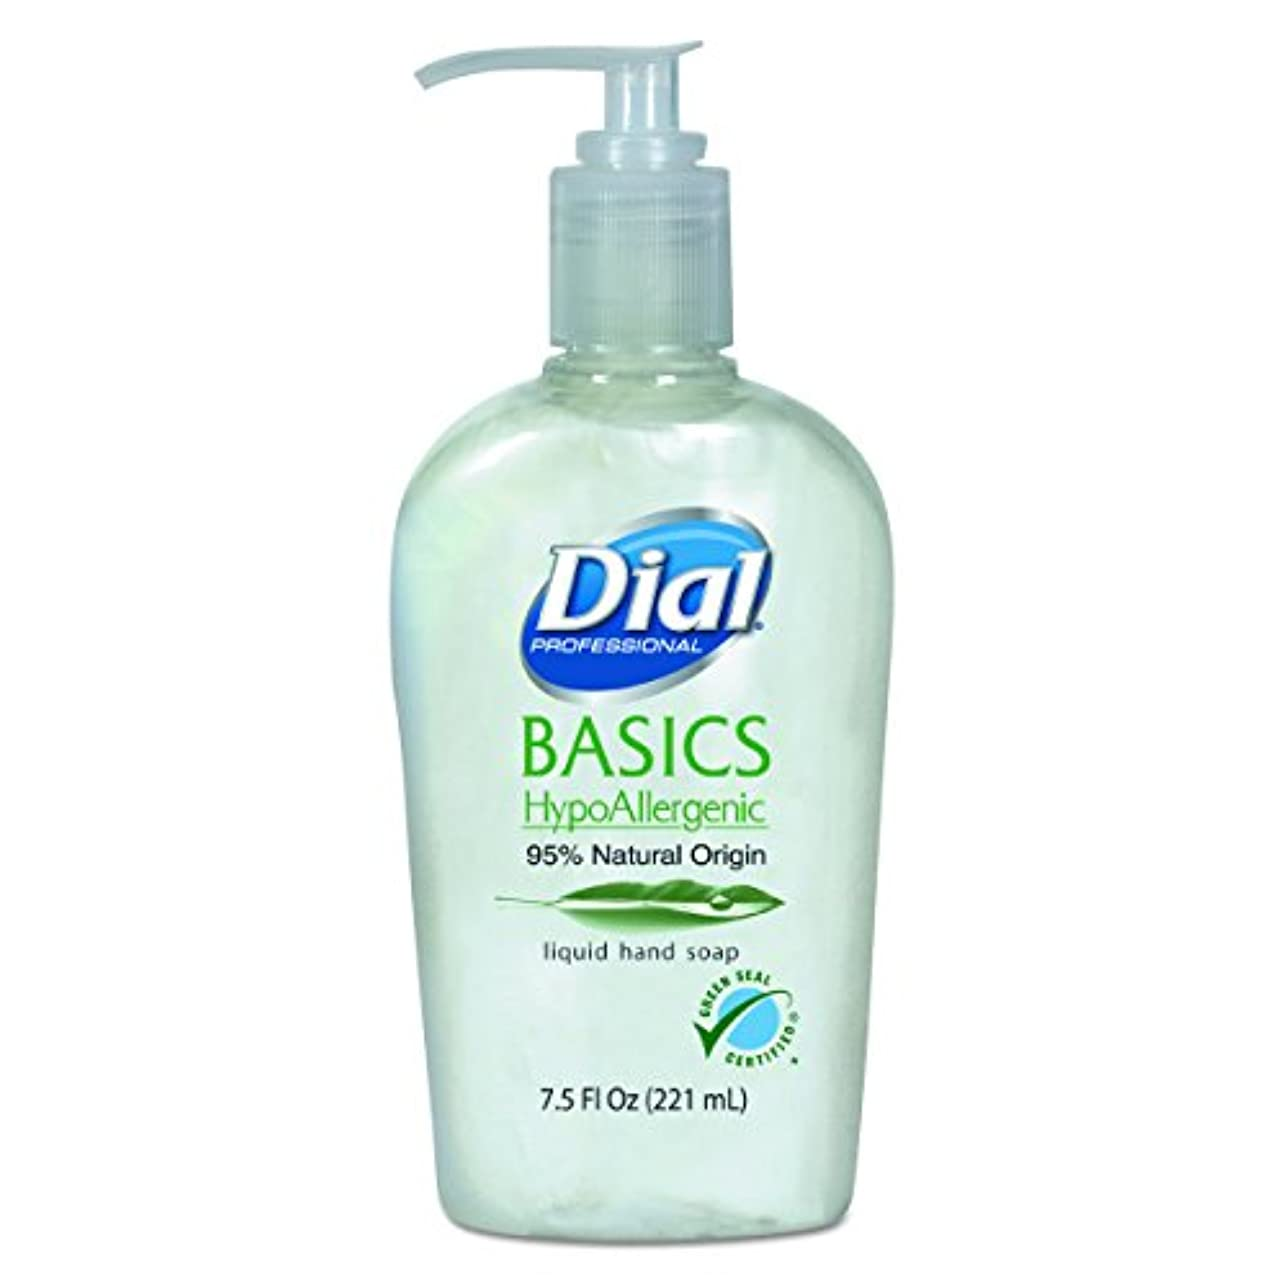 分析頬骨先のことを考えるダイヤル06028 CTプロフェッショナルBasics Liquid Hand Soap、7.5オンス、ローズマリー&ミント(ケースof 12 )